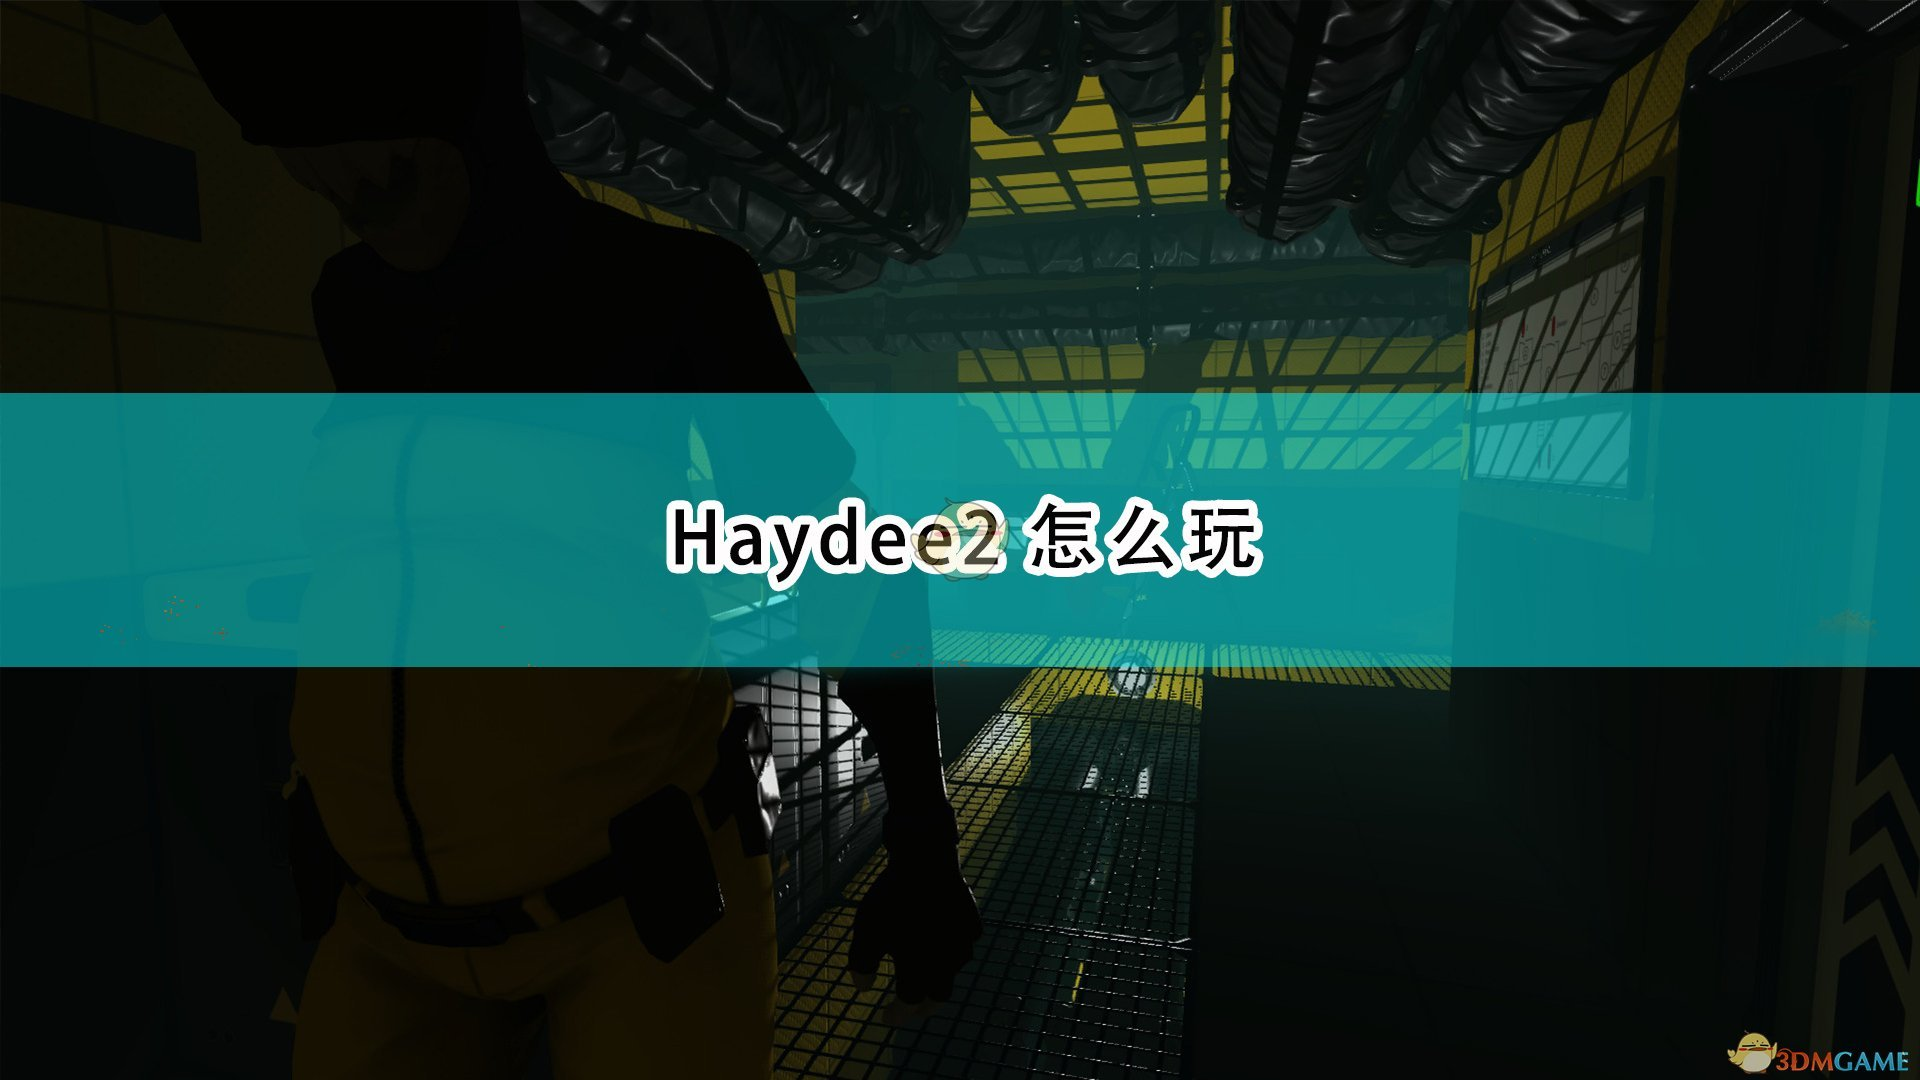 《Haydee 2》游戏玩法介绍